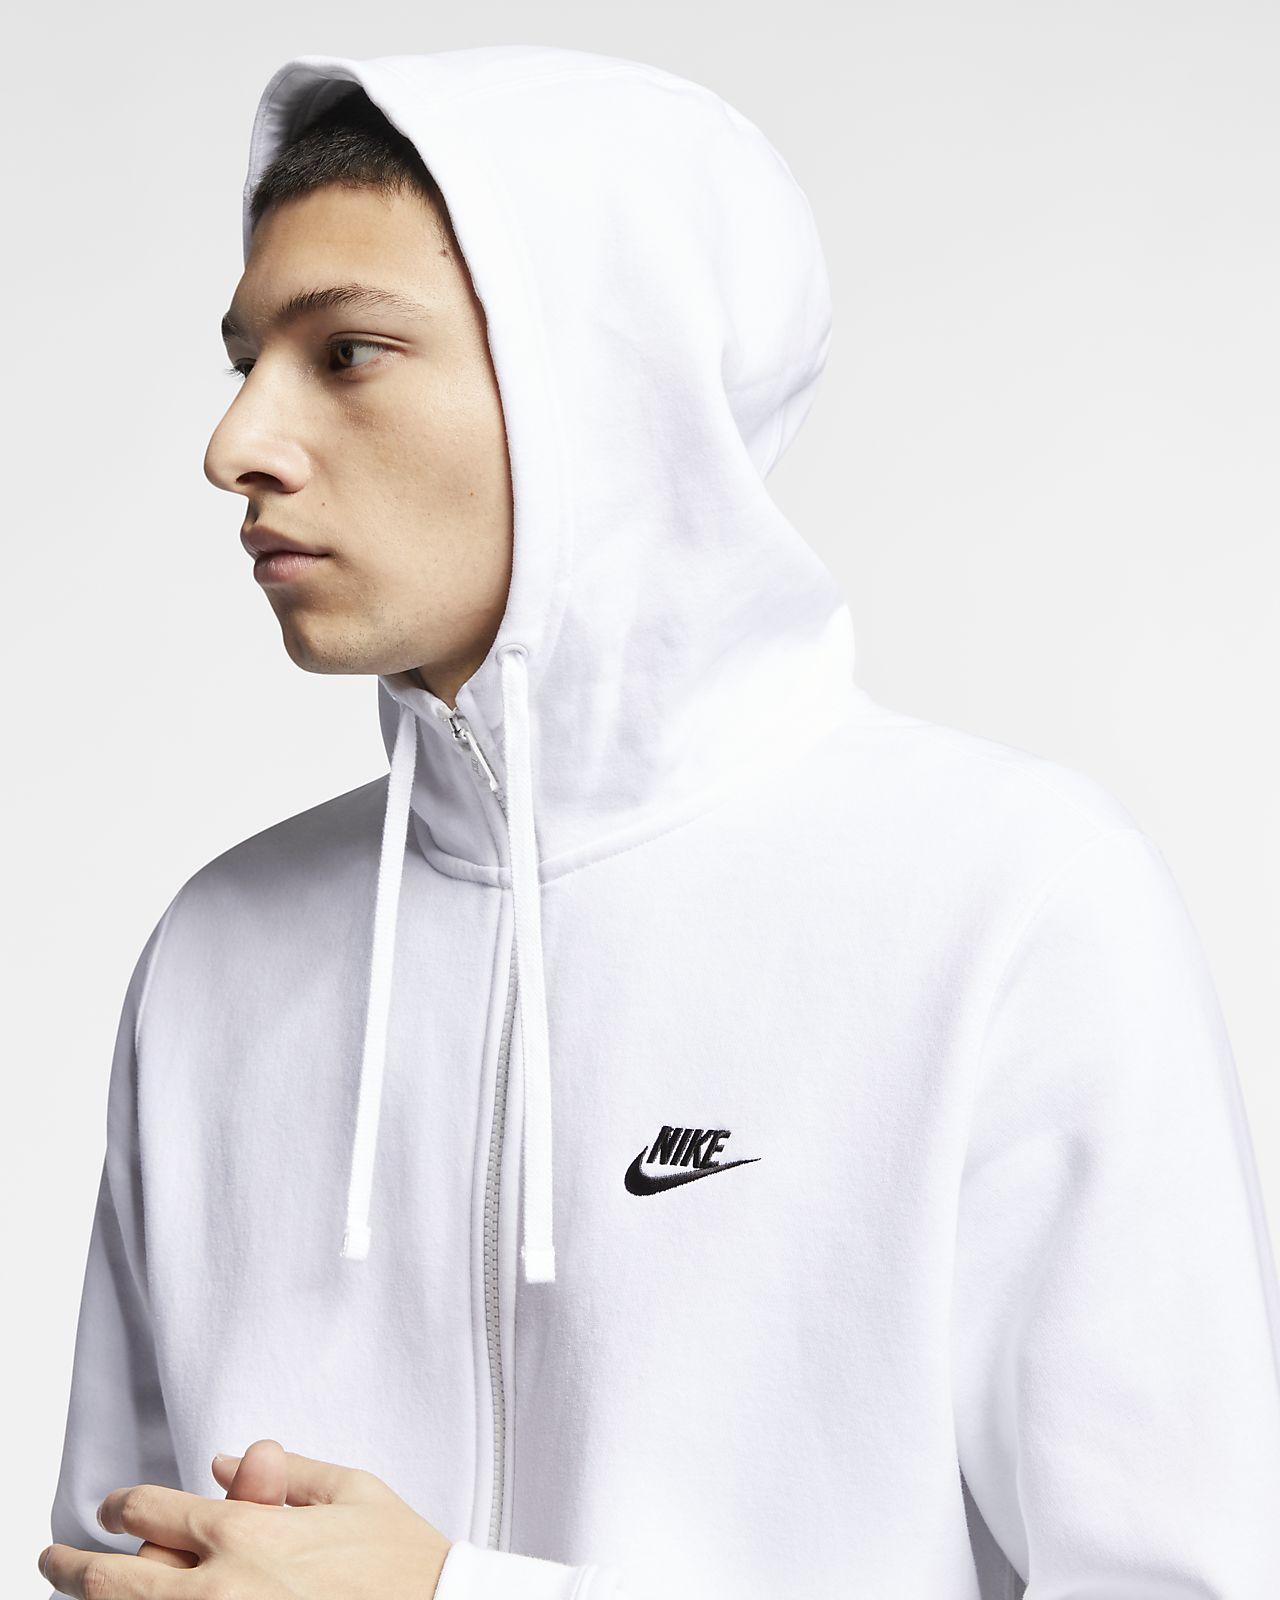 2ebbaf598 Low Resolution Nike Sportswear Club Fleece Hoodie Nike Sportswear Club  Fleece Hoodie